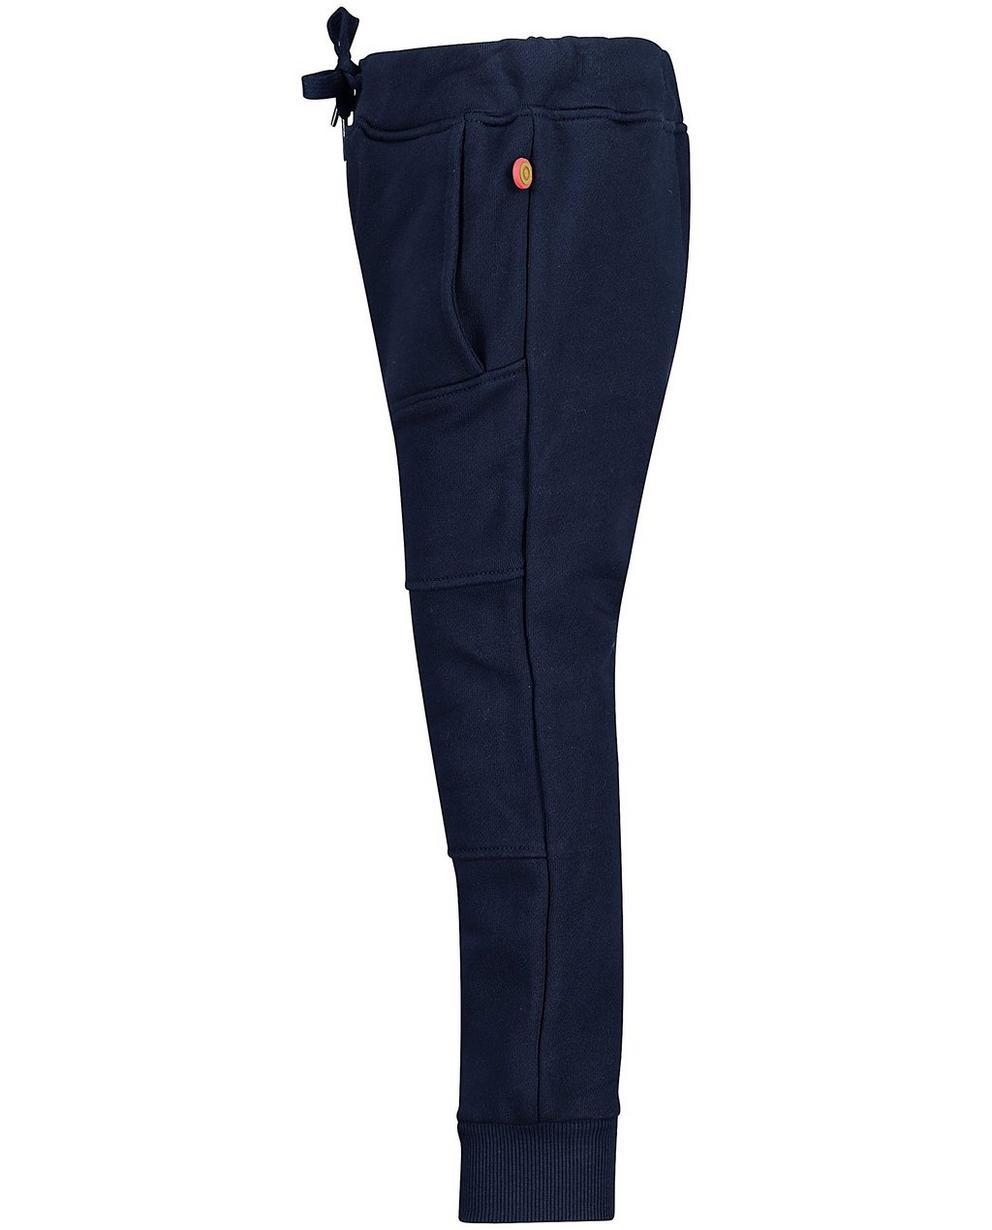 Pantalons - navy - Pantalon molletonné